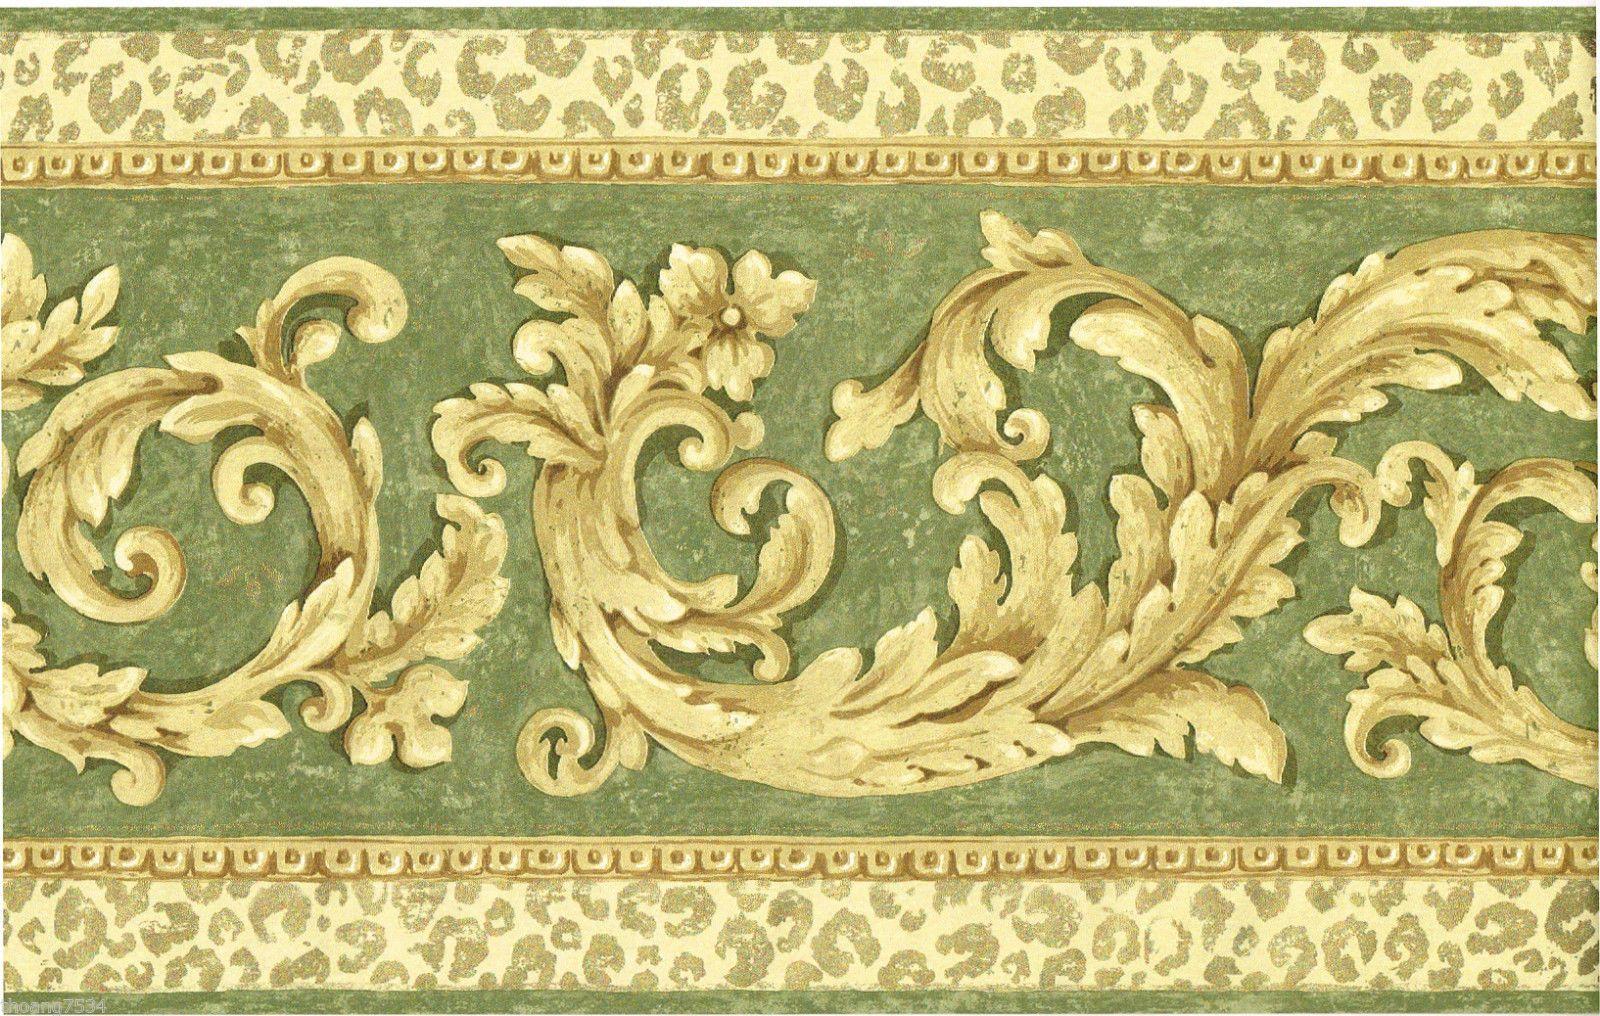 Victorian Golden Acanthus Scroll Leaf Gold Leopard Sage Green Wallpaper Border Sage Green Wallpaper Green Wallpaper Wallpaper Border